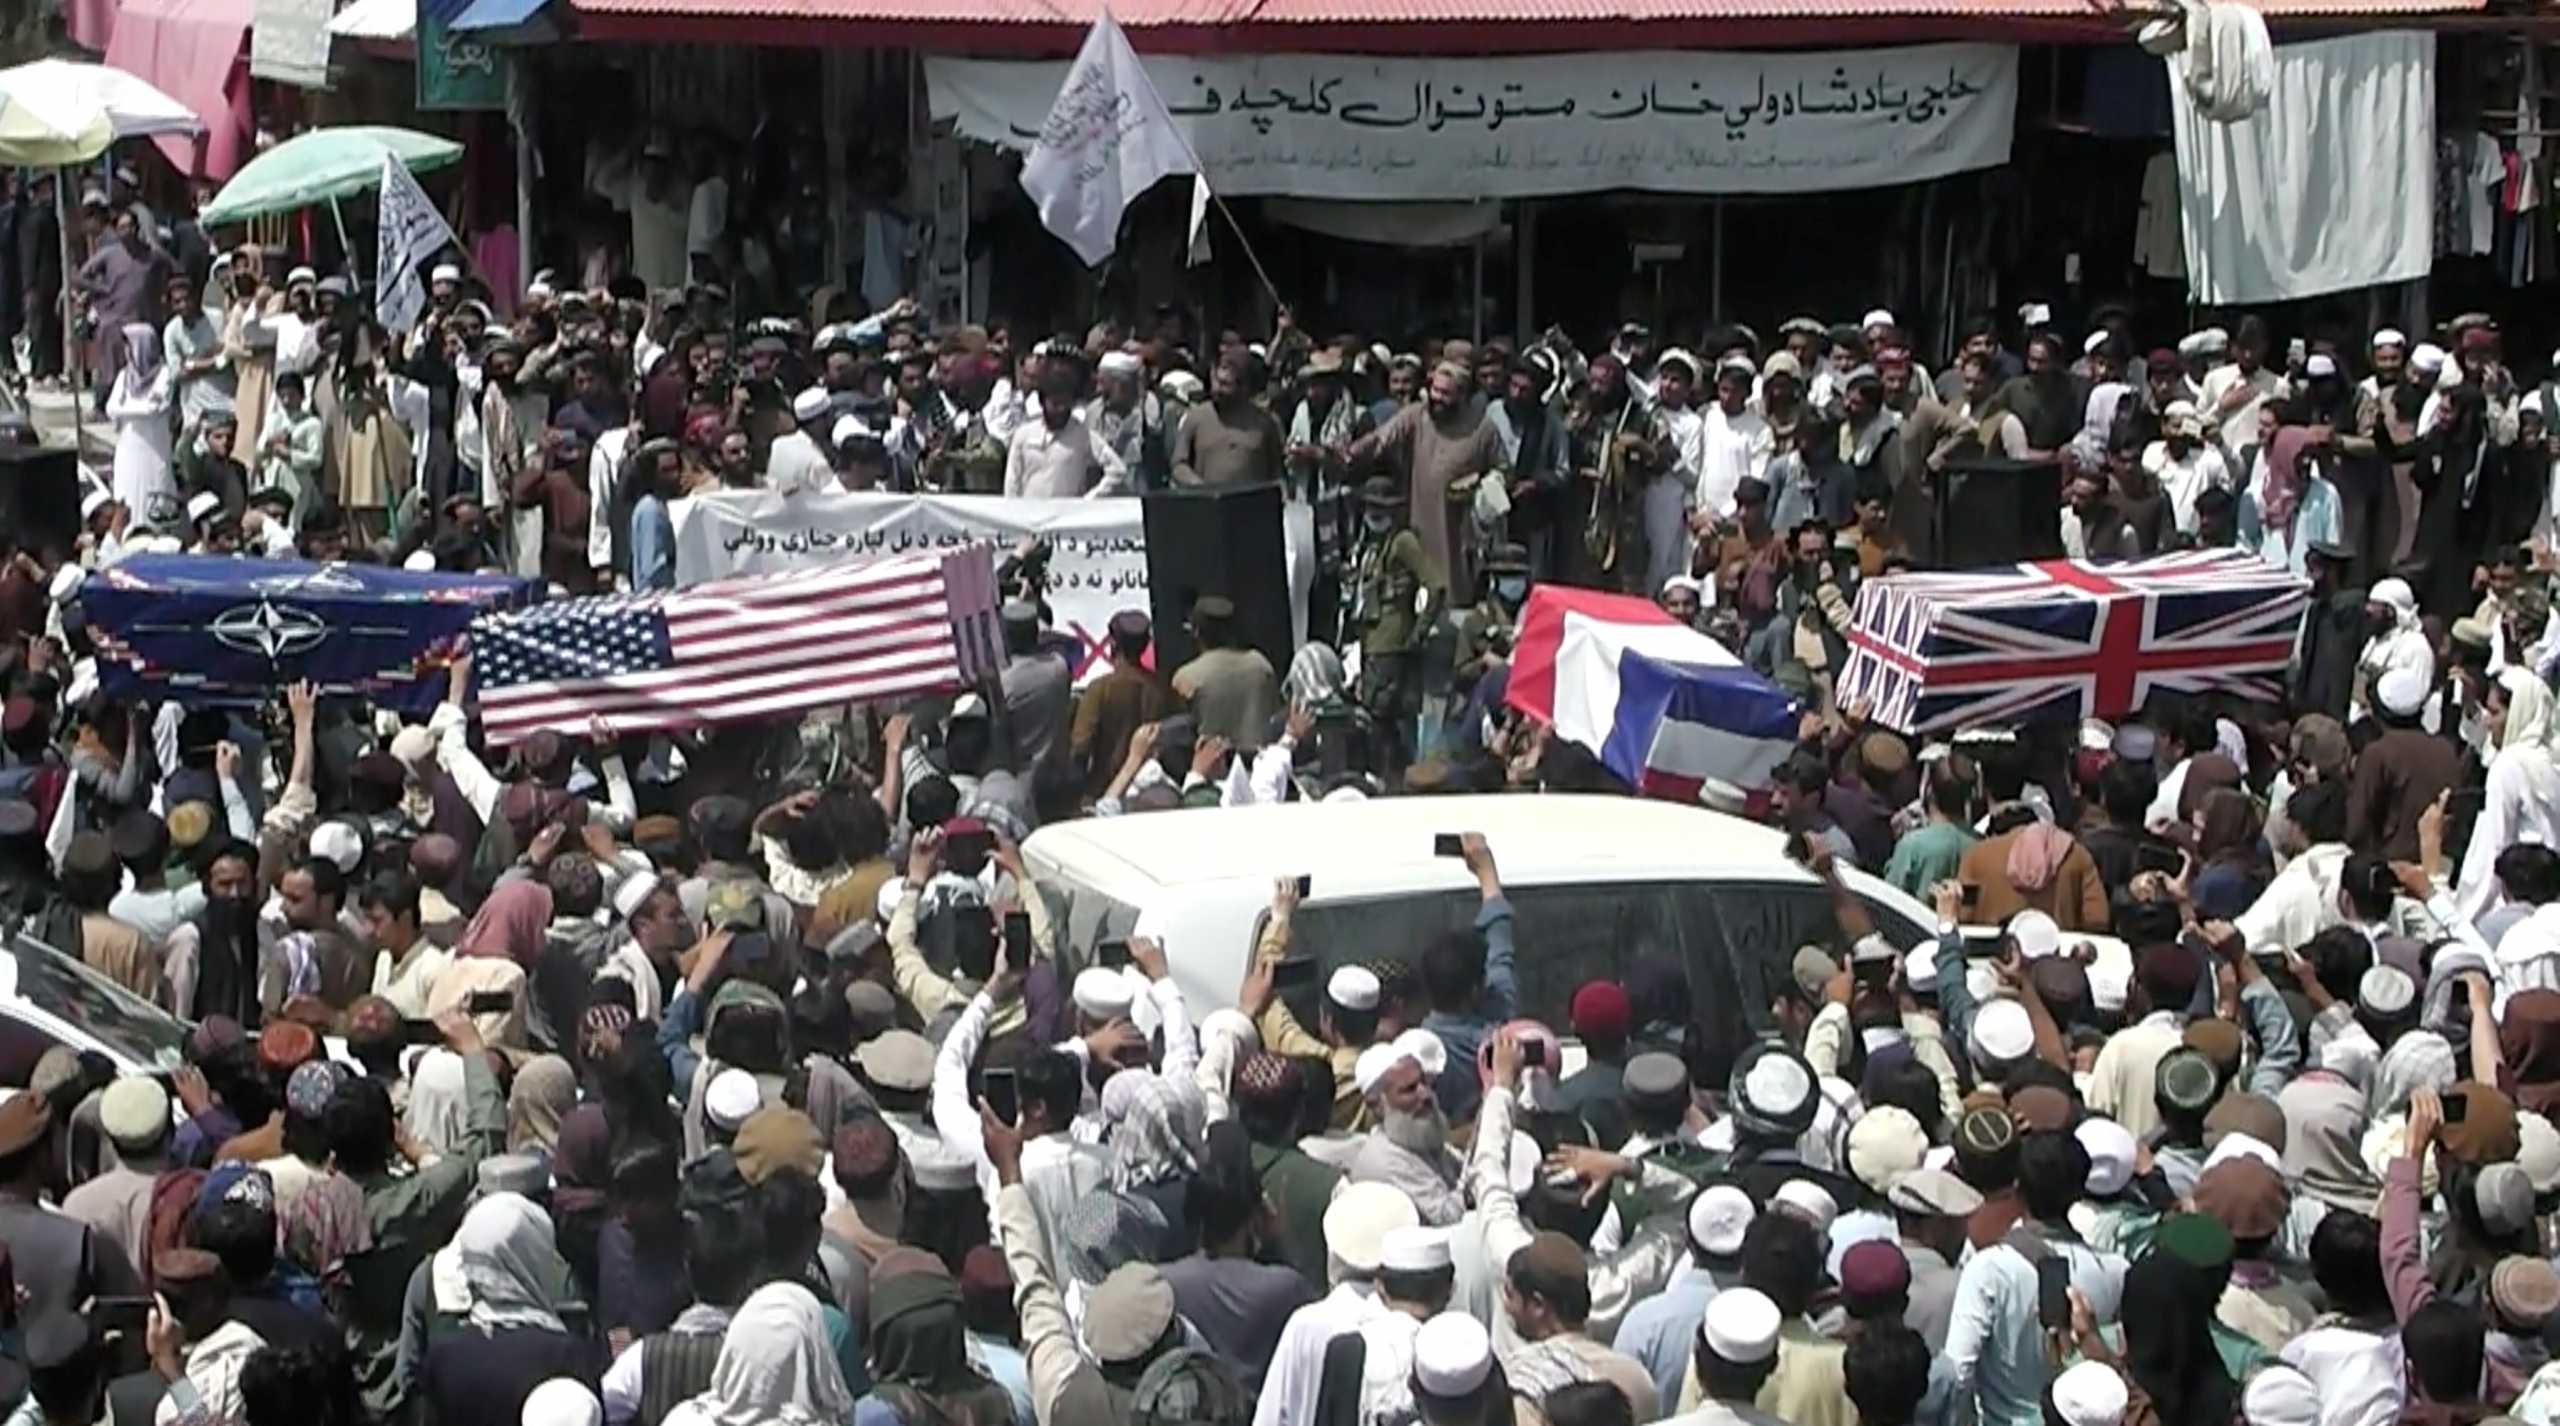 Υποστηρικτές των Ταλιμπάν έκαναν εικονική κηδεία Αμερικανών στρατιωτών